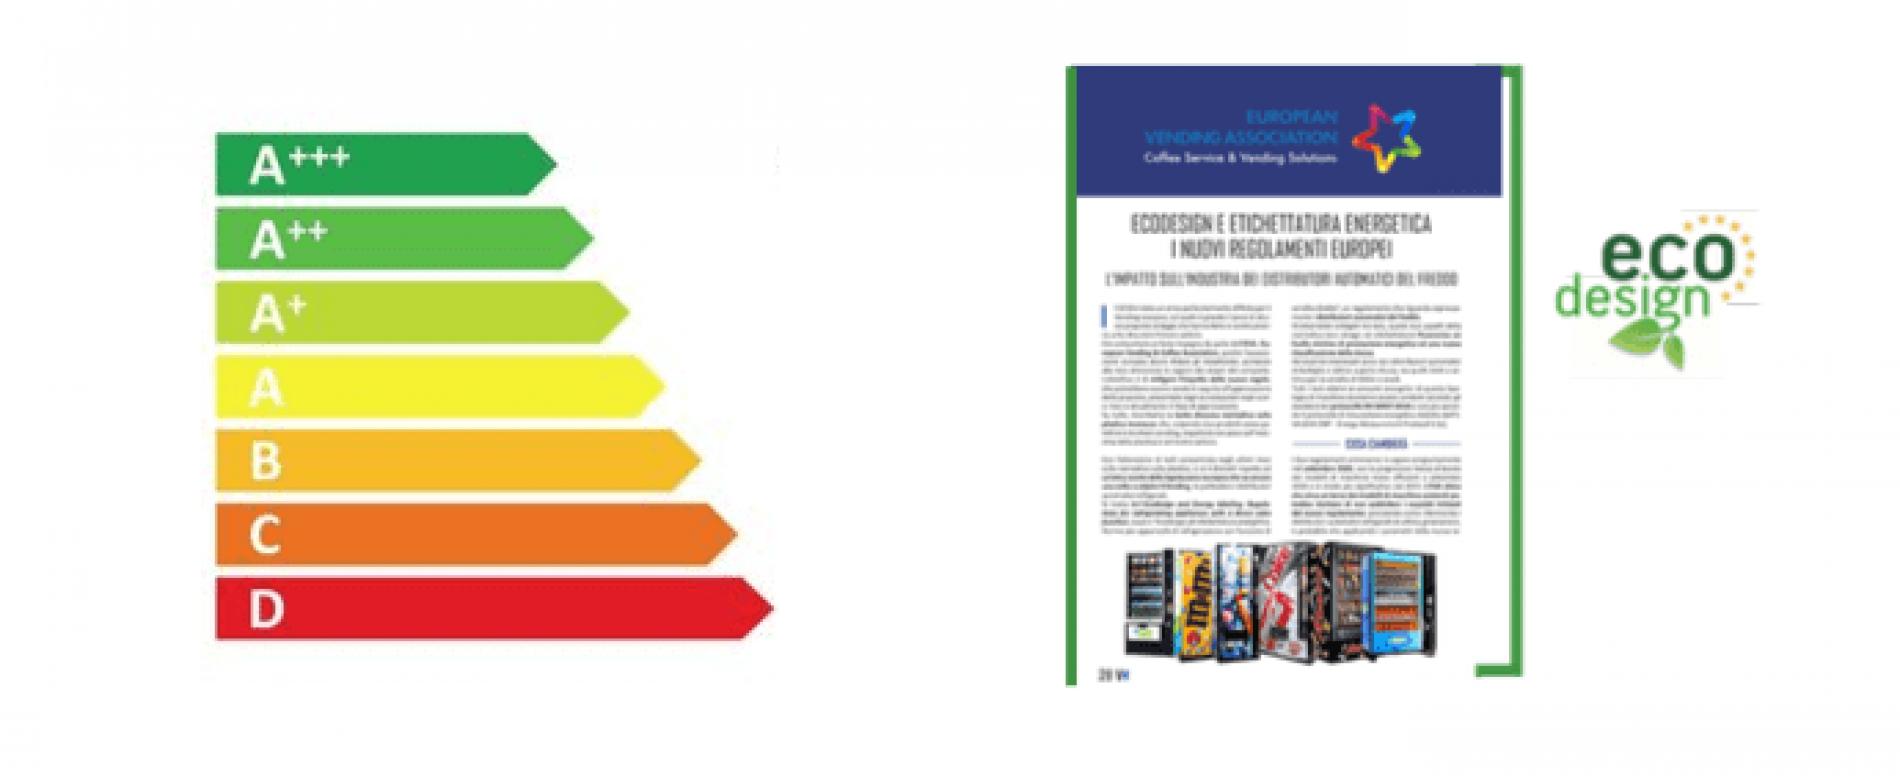 La Commissione UE approva le regole dell'ecodesign per gli elettrodomestici